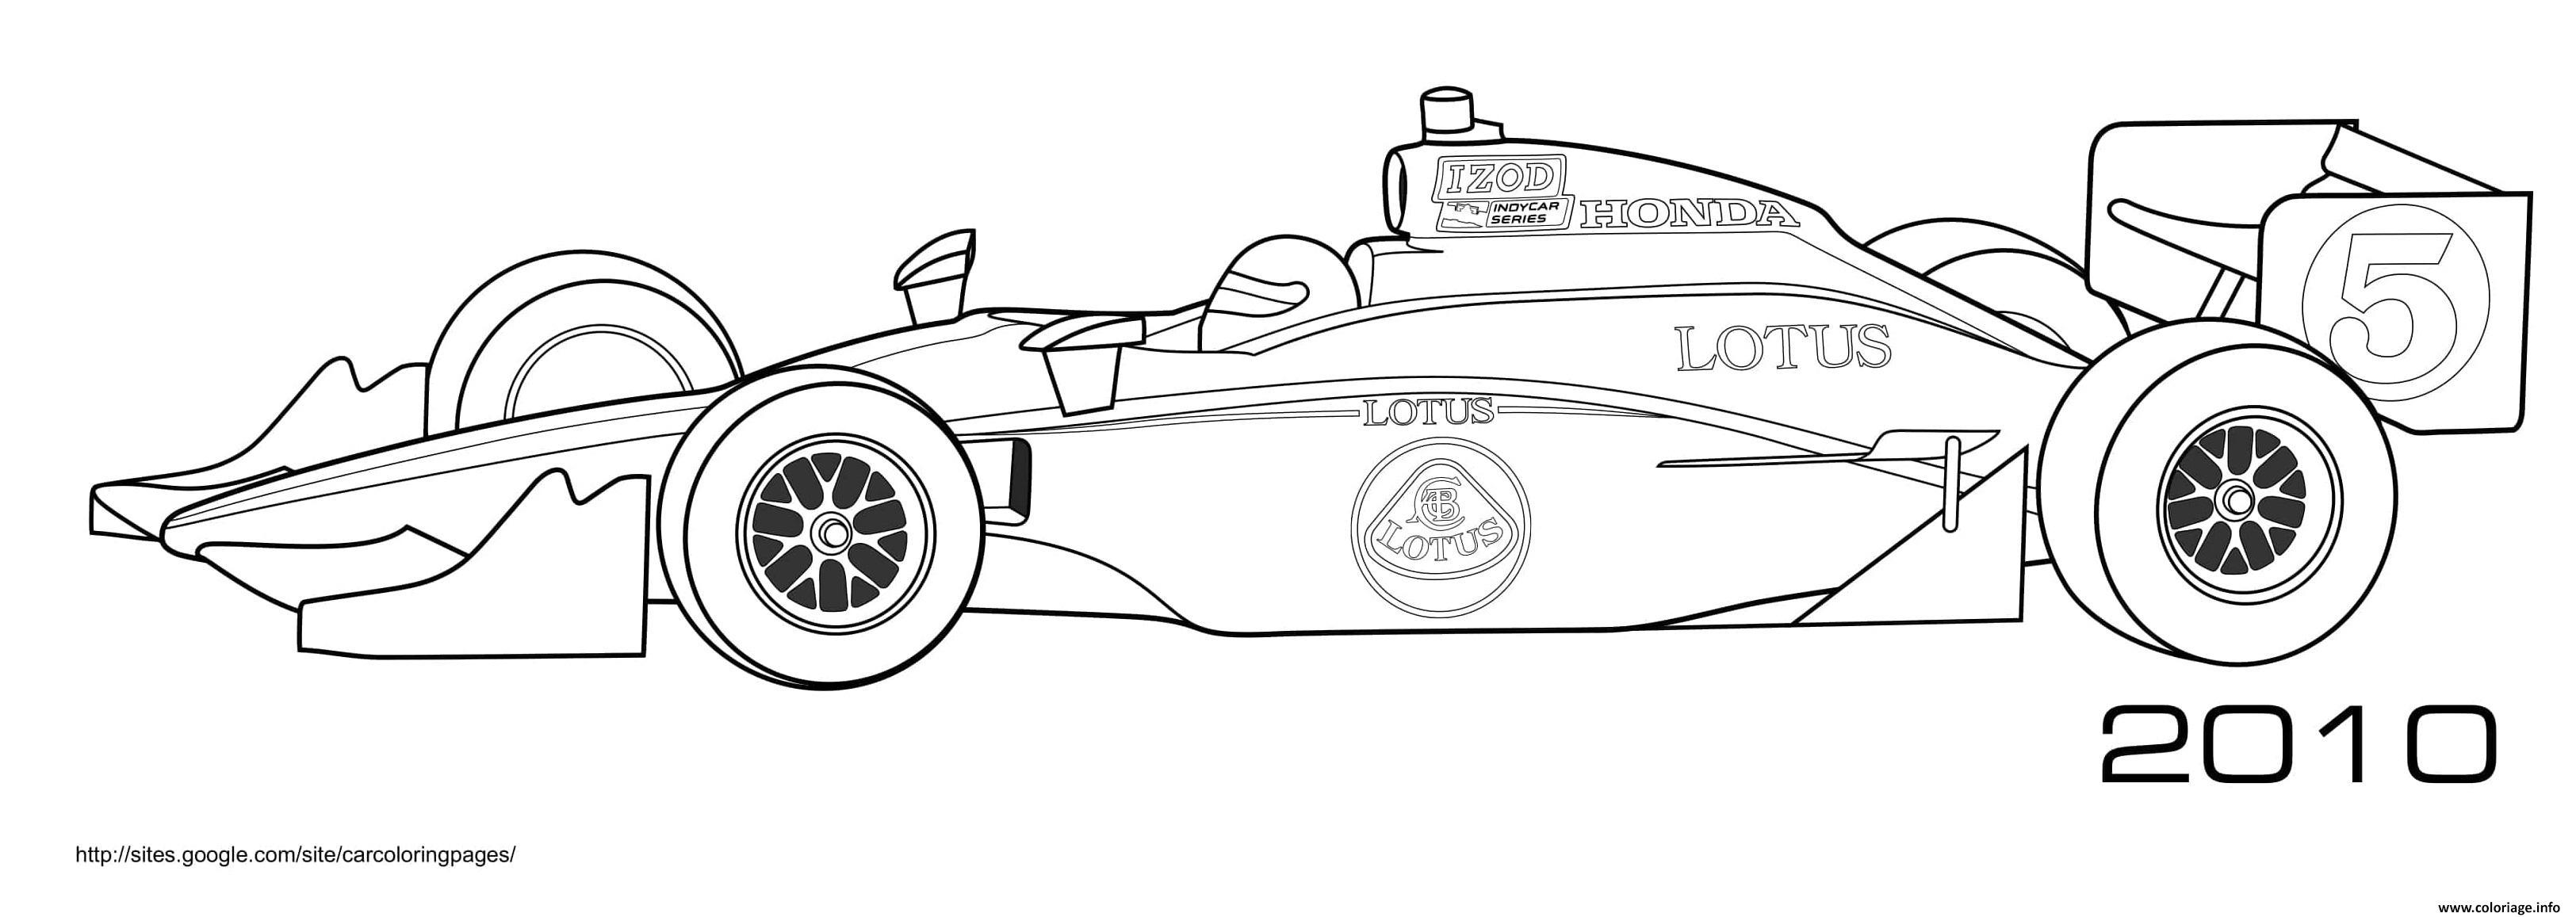 Dessin Formule 1 Voiture Honda Lotus 2010 Coloriage Gratuit à Imprimer